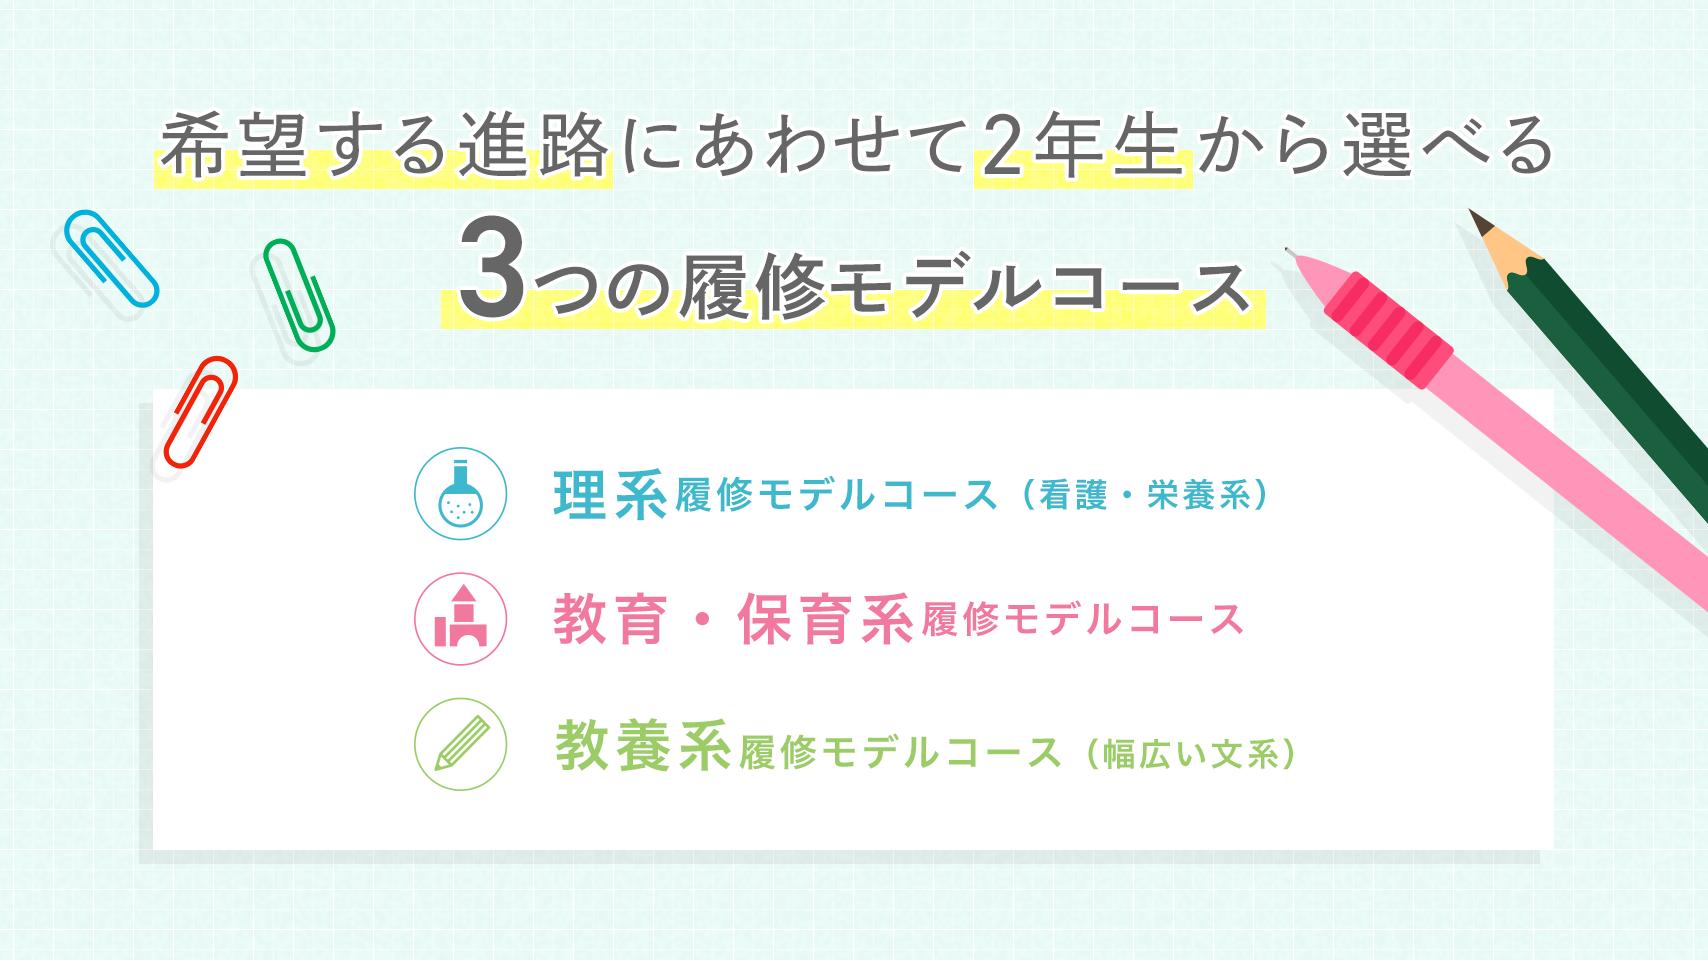 選べる3つの履修コース